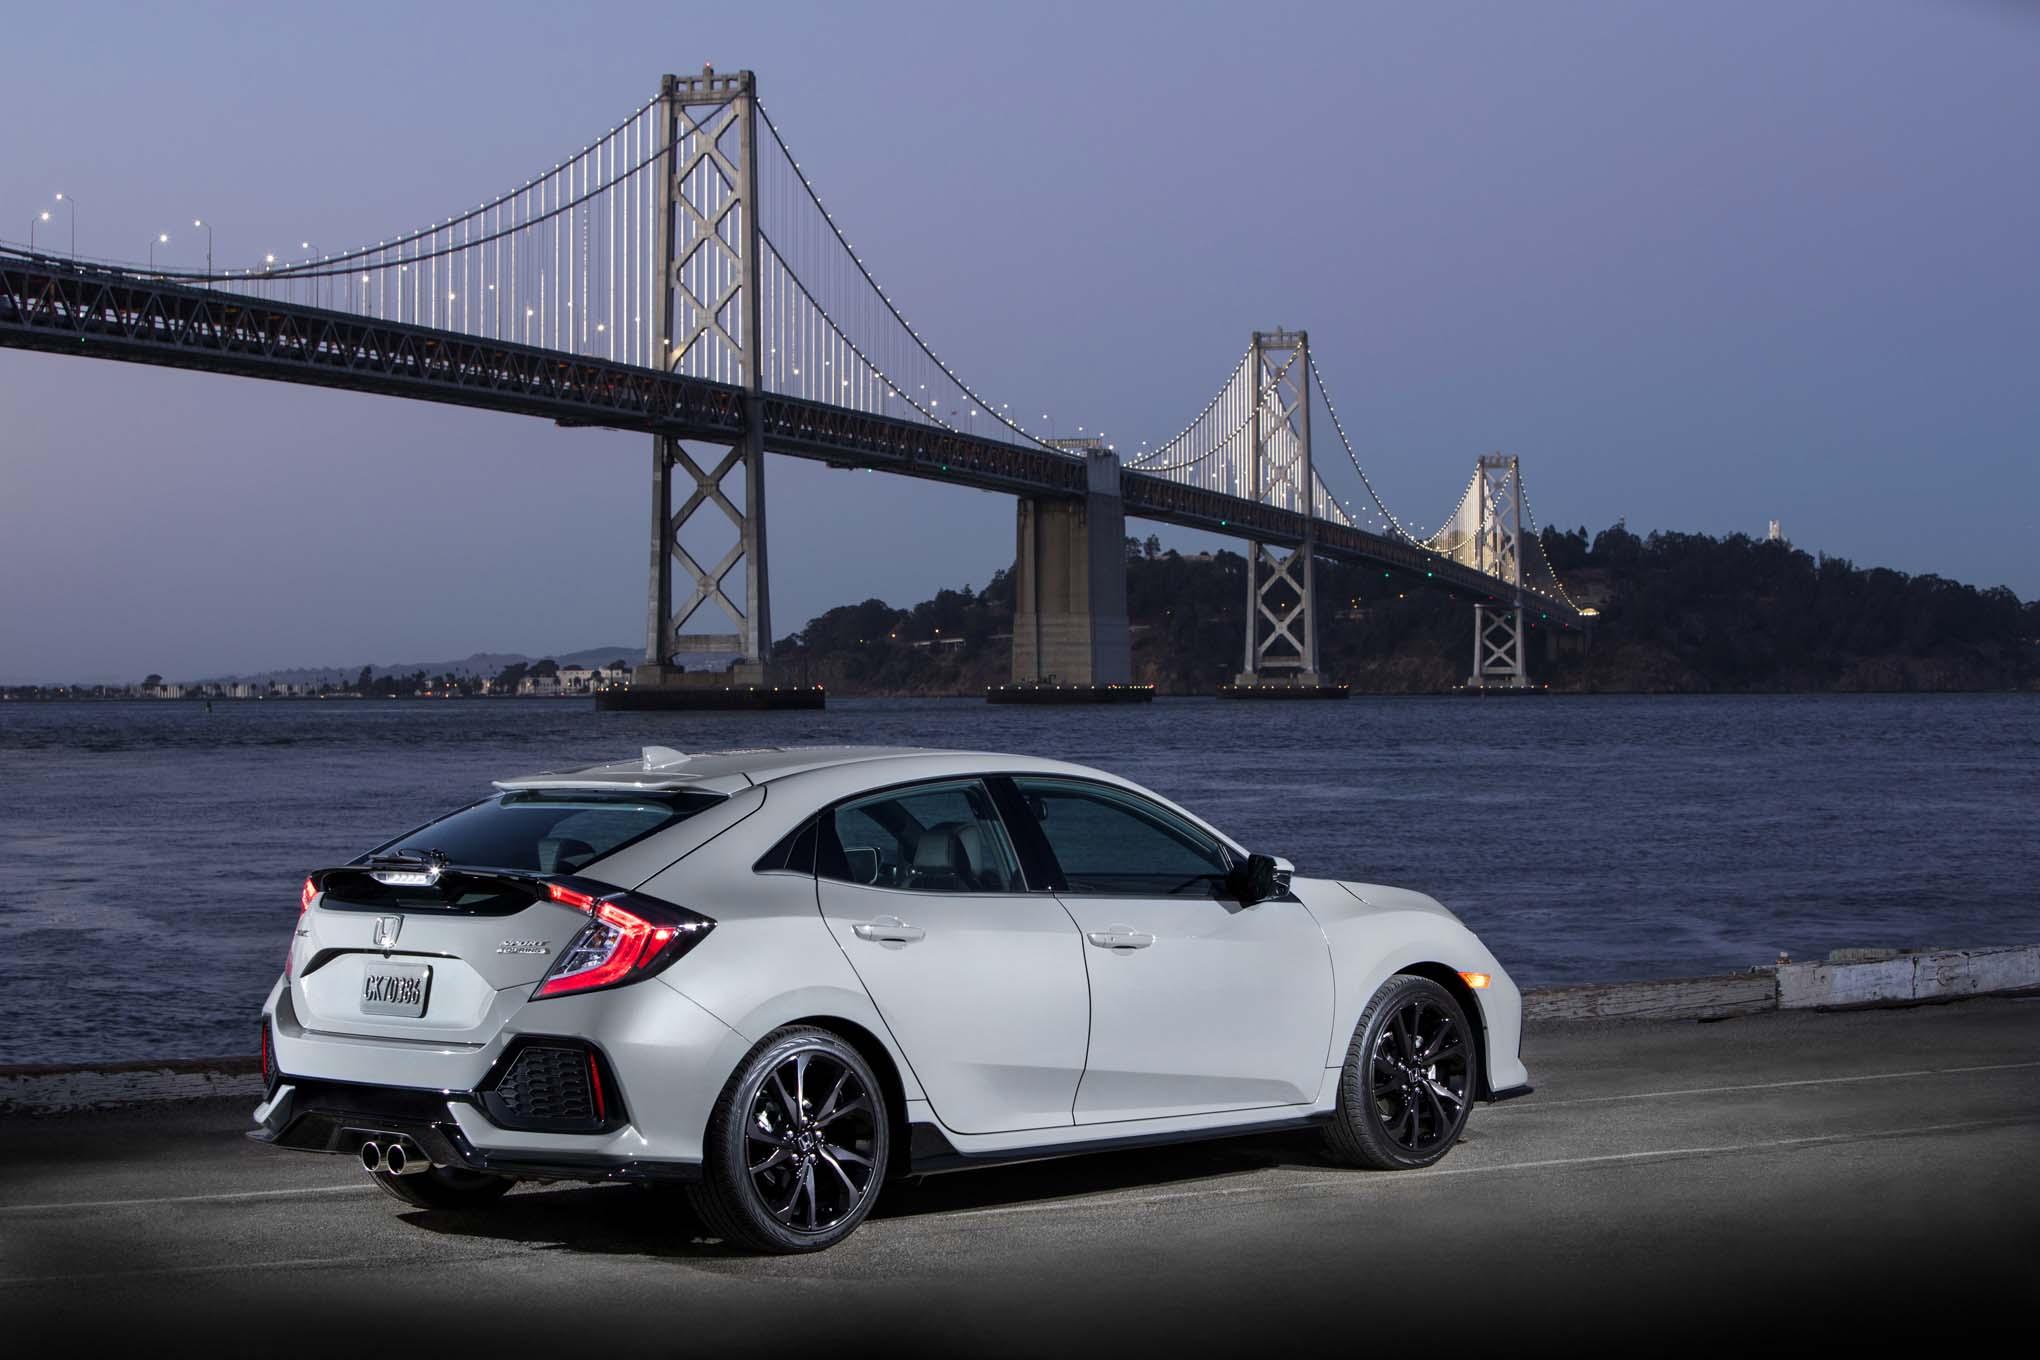 Image Result For Honda Civic Hatchback Top Speed